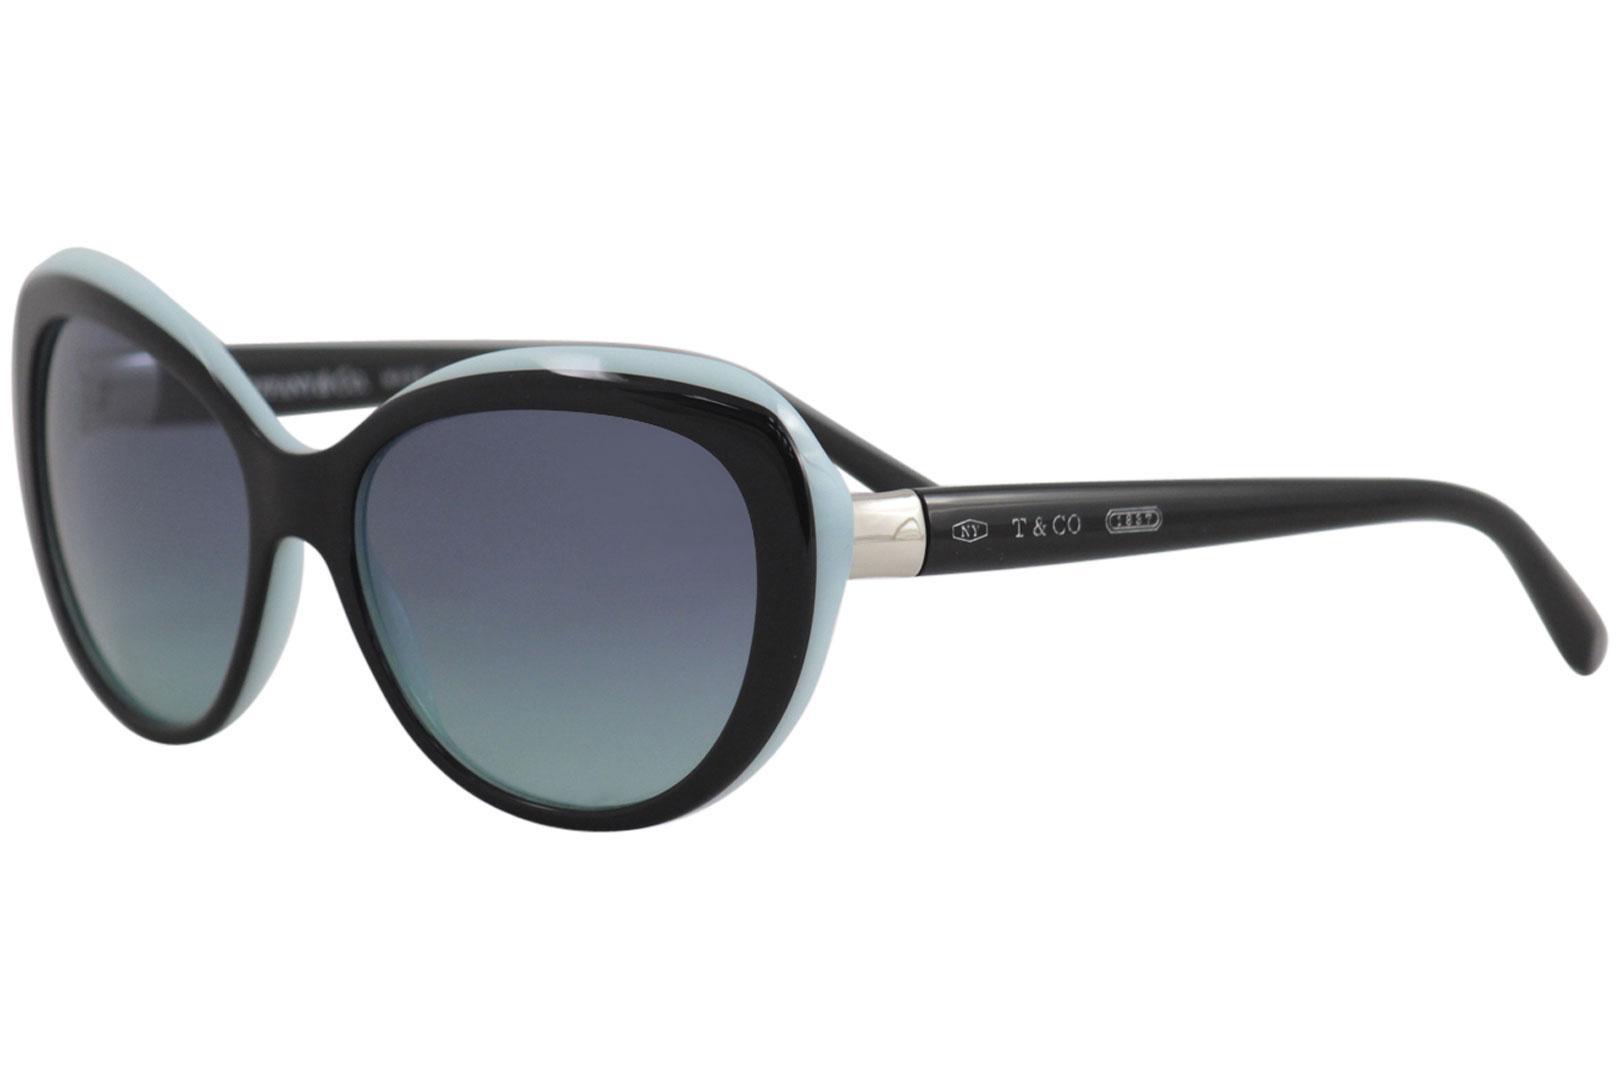 e7ba7222ca04b Women s TF4122 TF 4122 Fashion Round Sunglasses by Tiffany   Co.